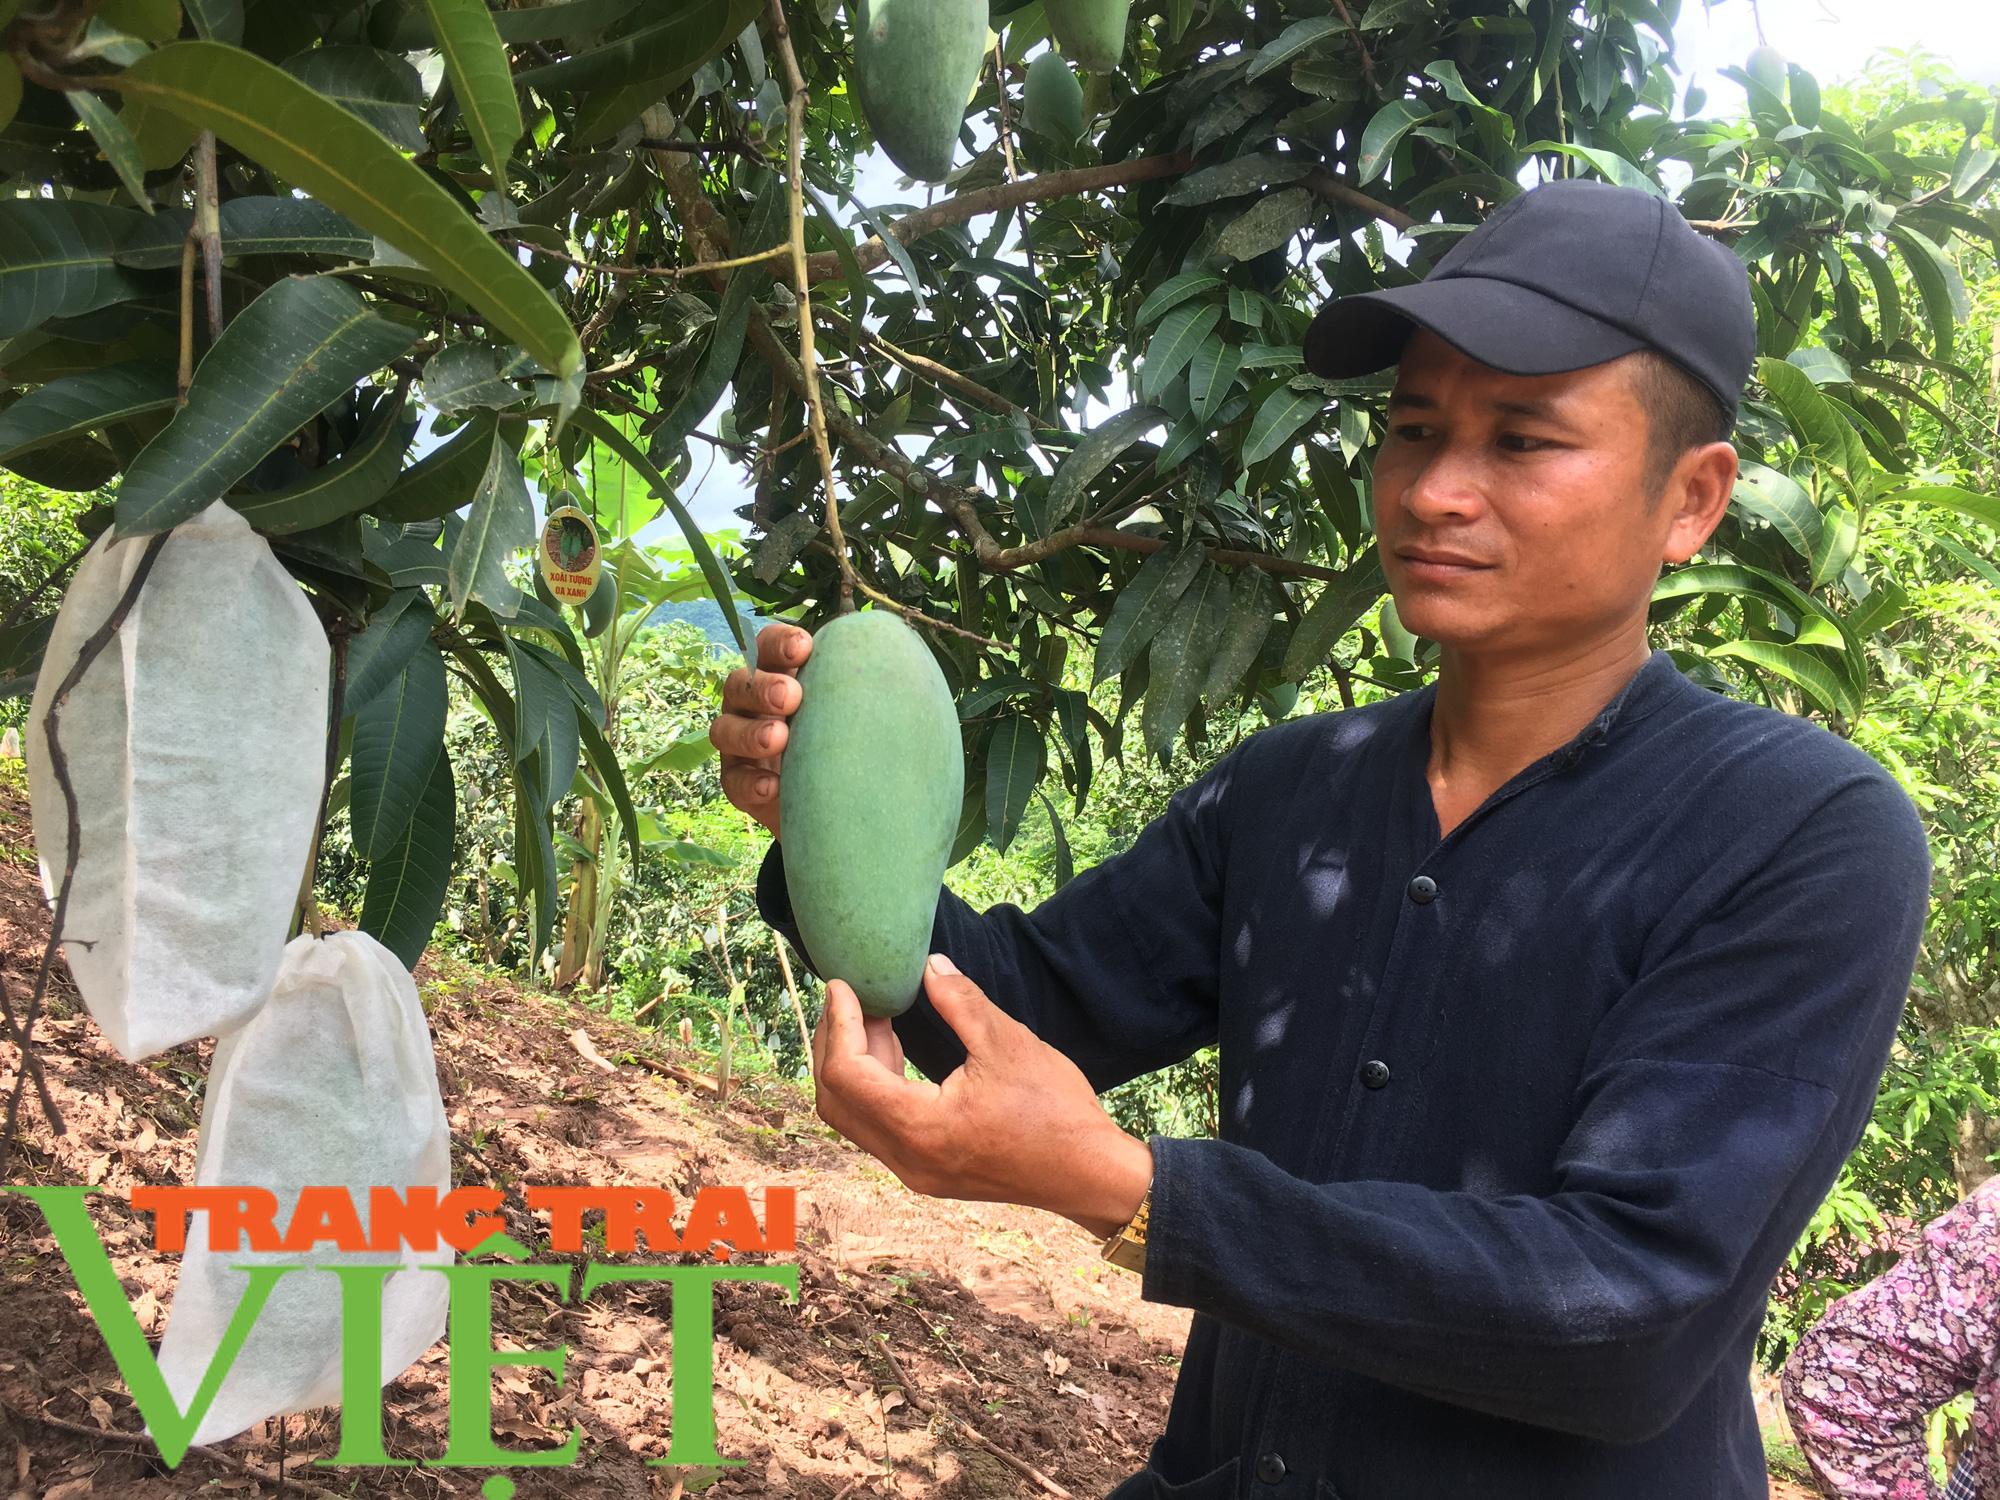 Yên Châu giúp bà con nông dân thoát nghèo và vươn lên làm giàu  - Ảnh 1.